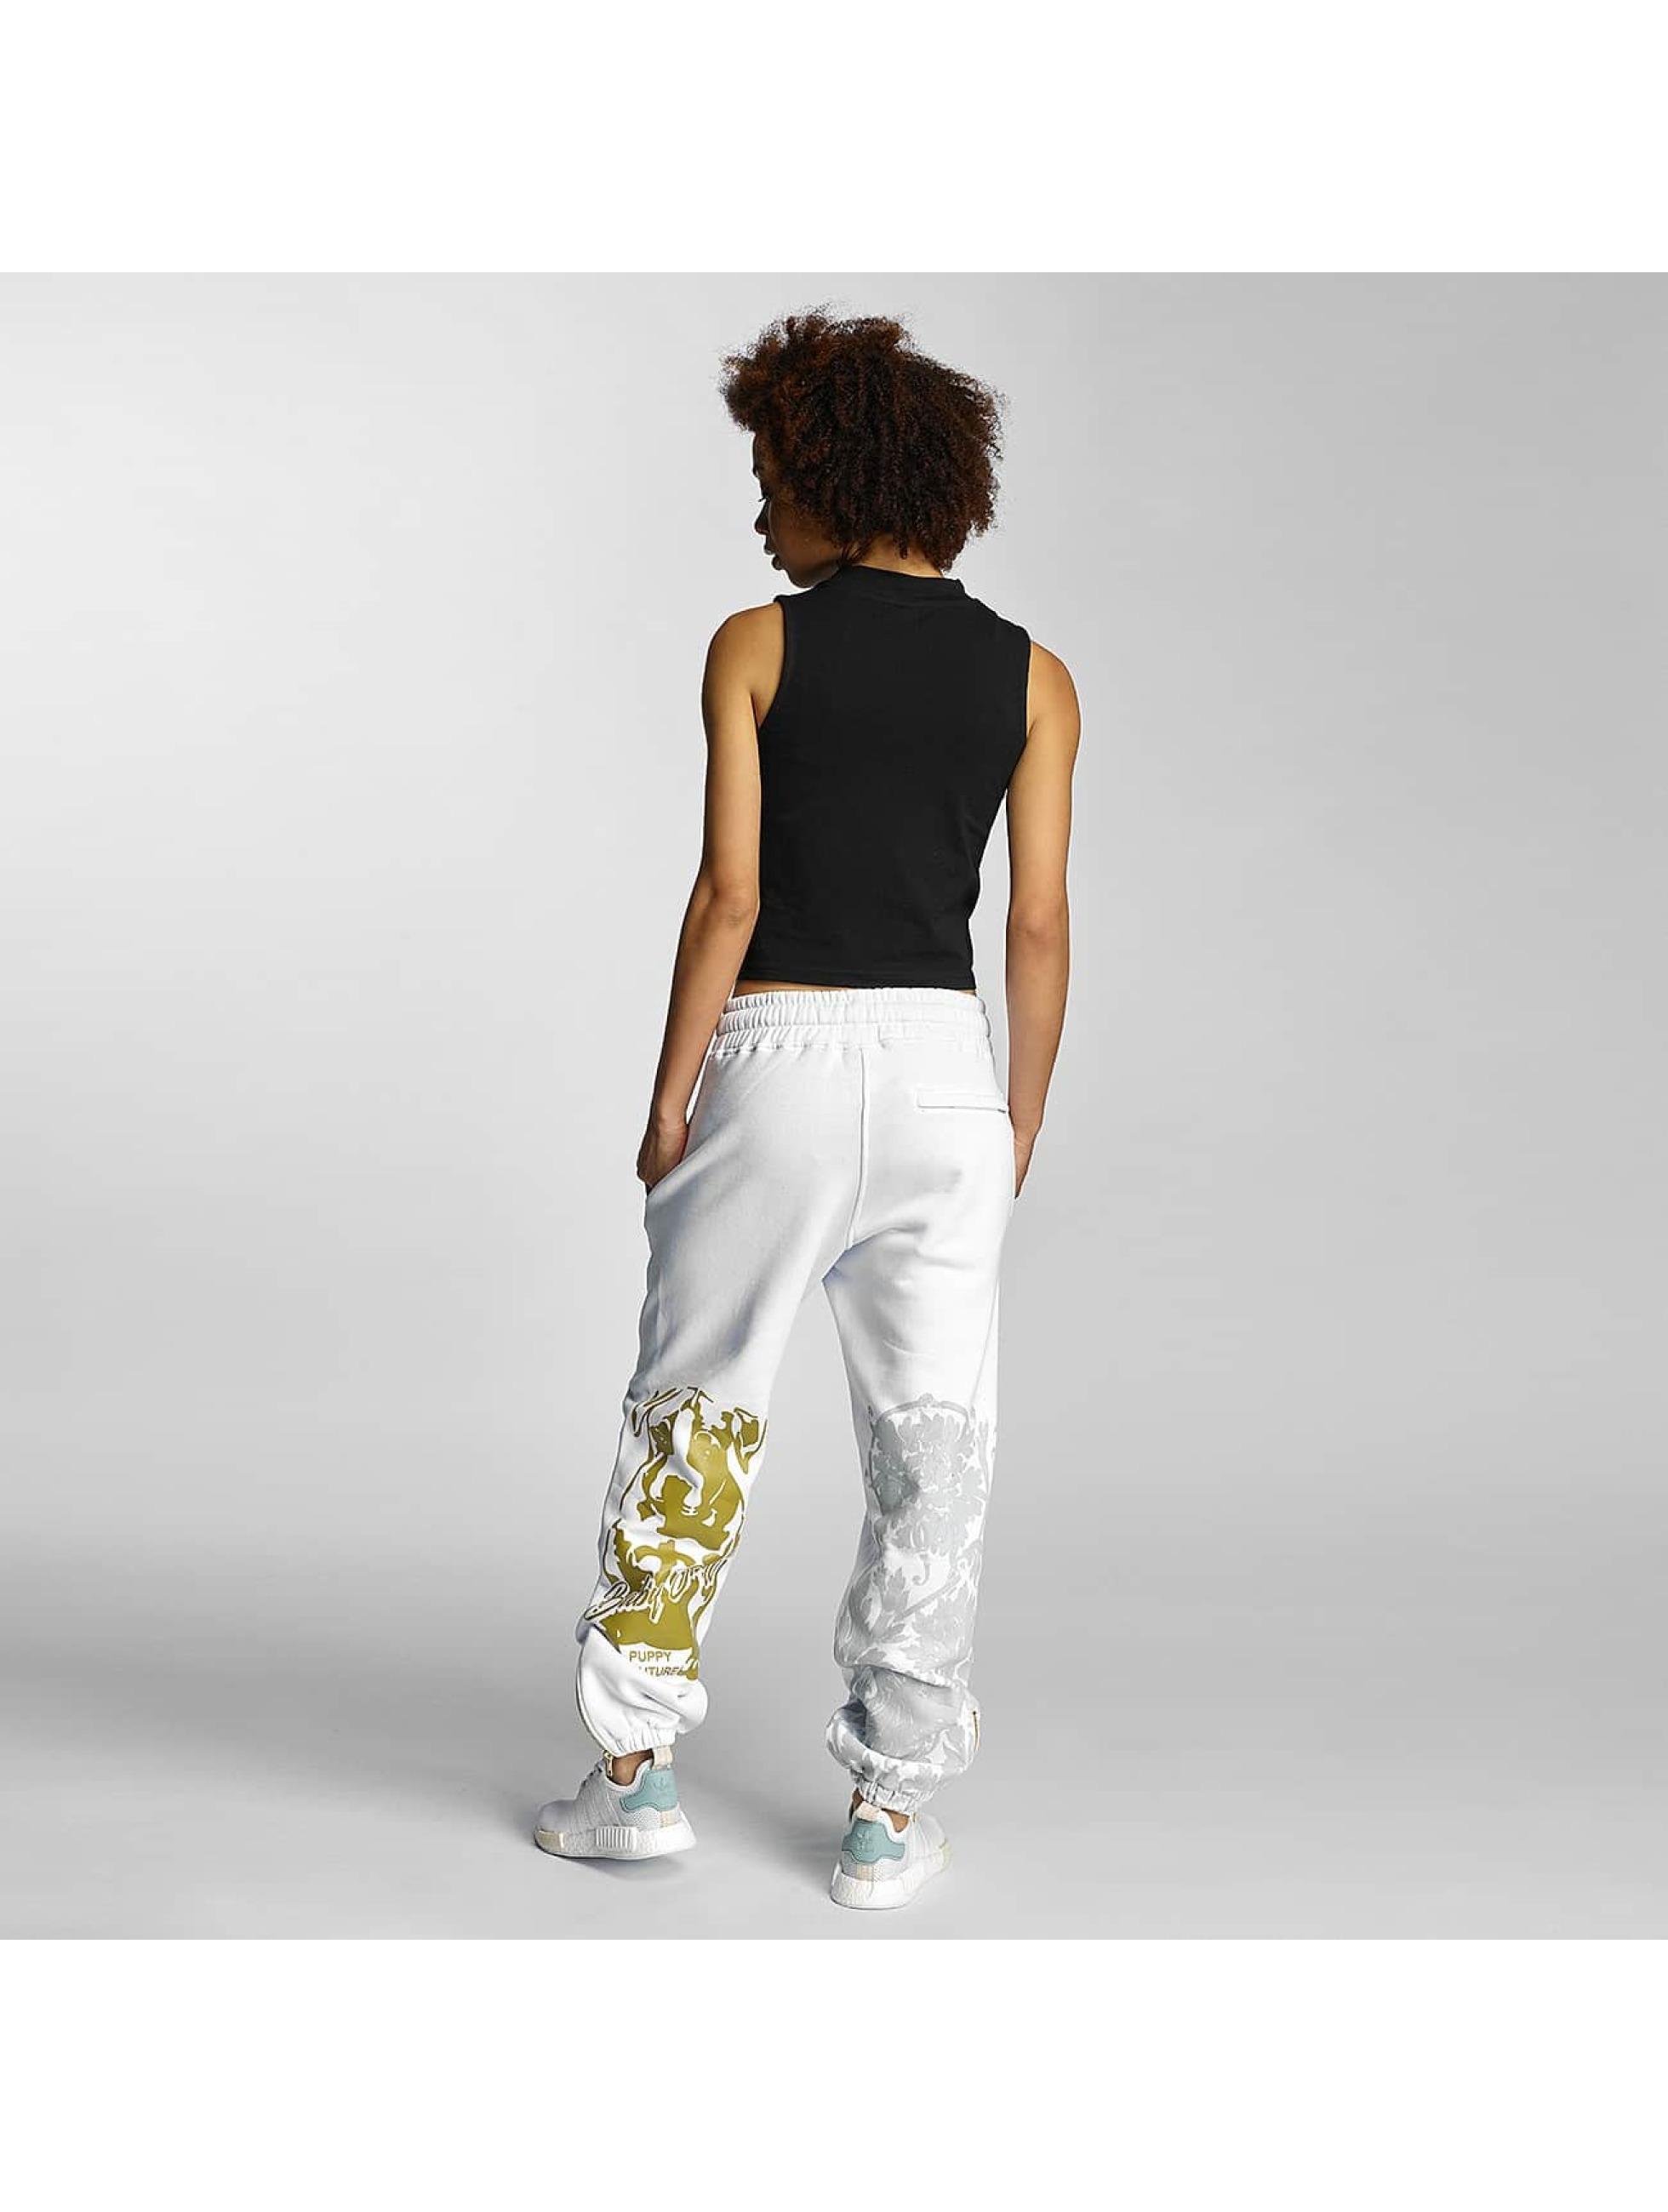 Babystaff Spodnie do joggingu Nidra bialy